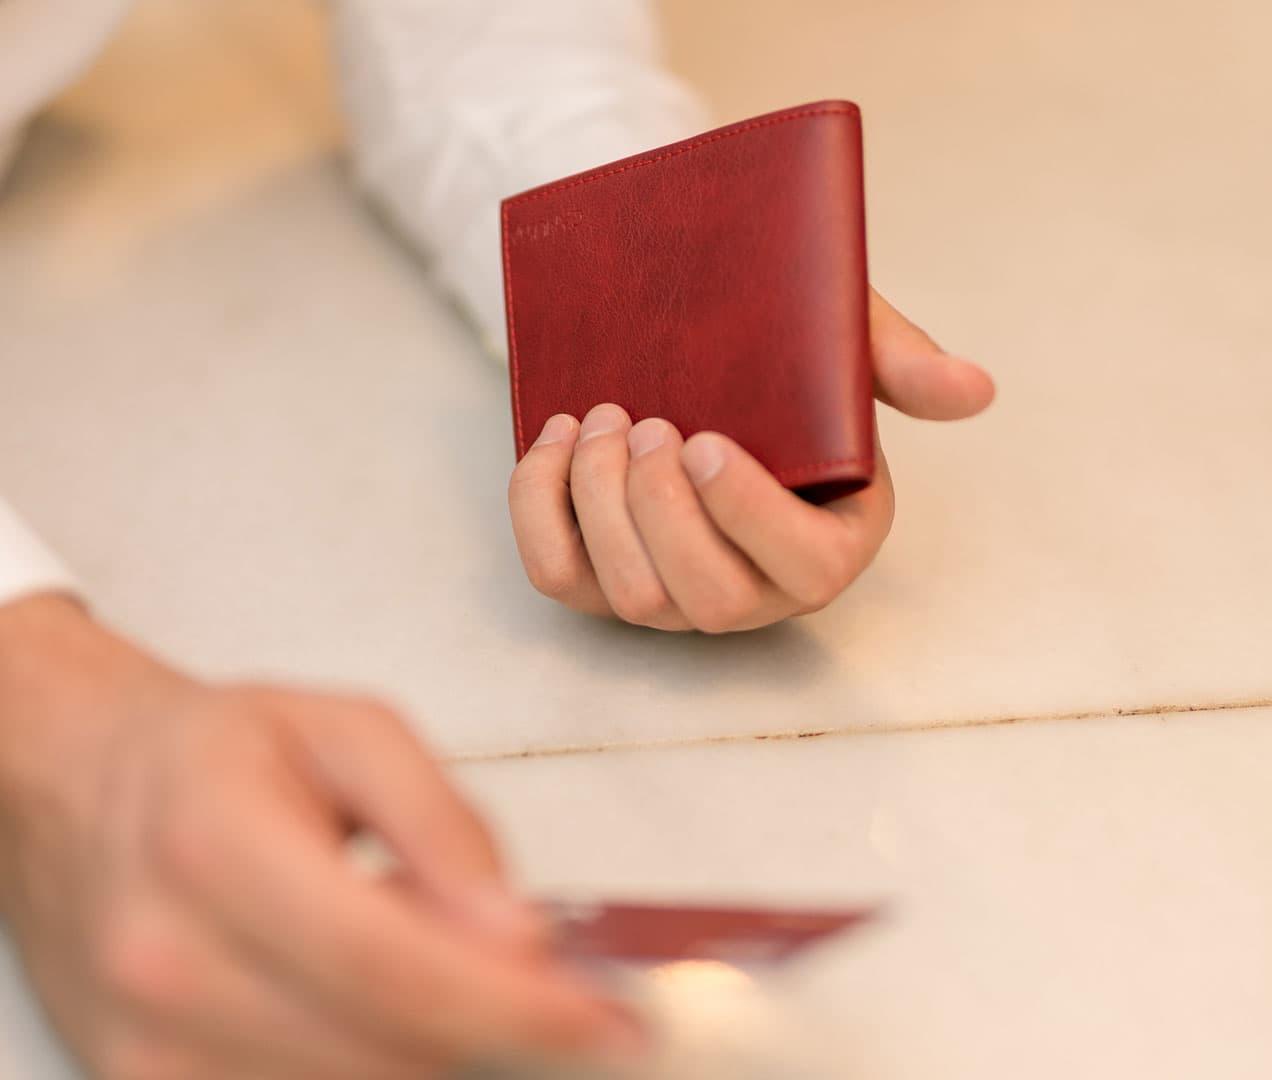 Pagando con cartera billetera roja